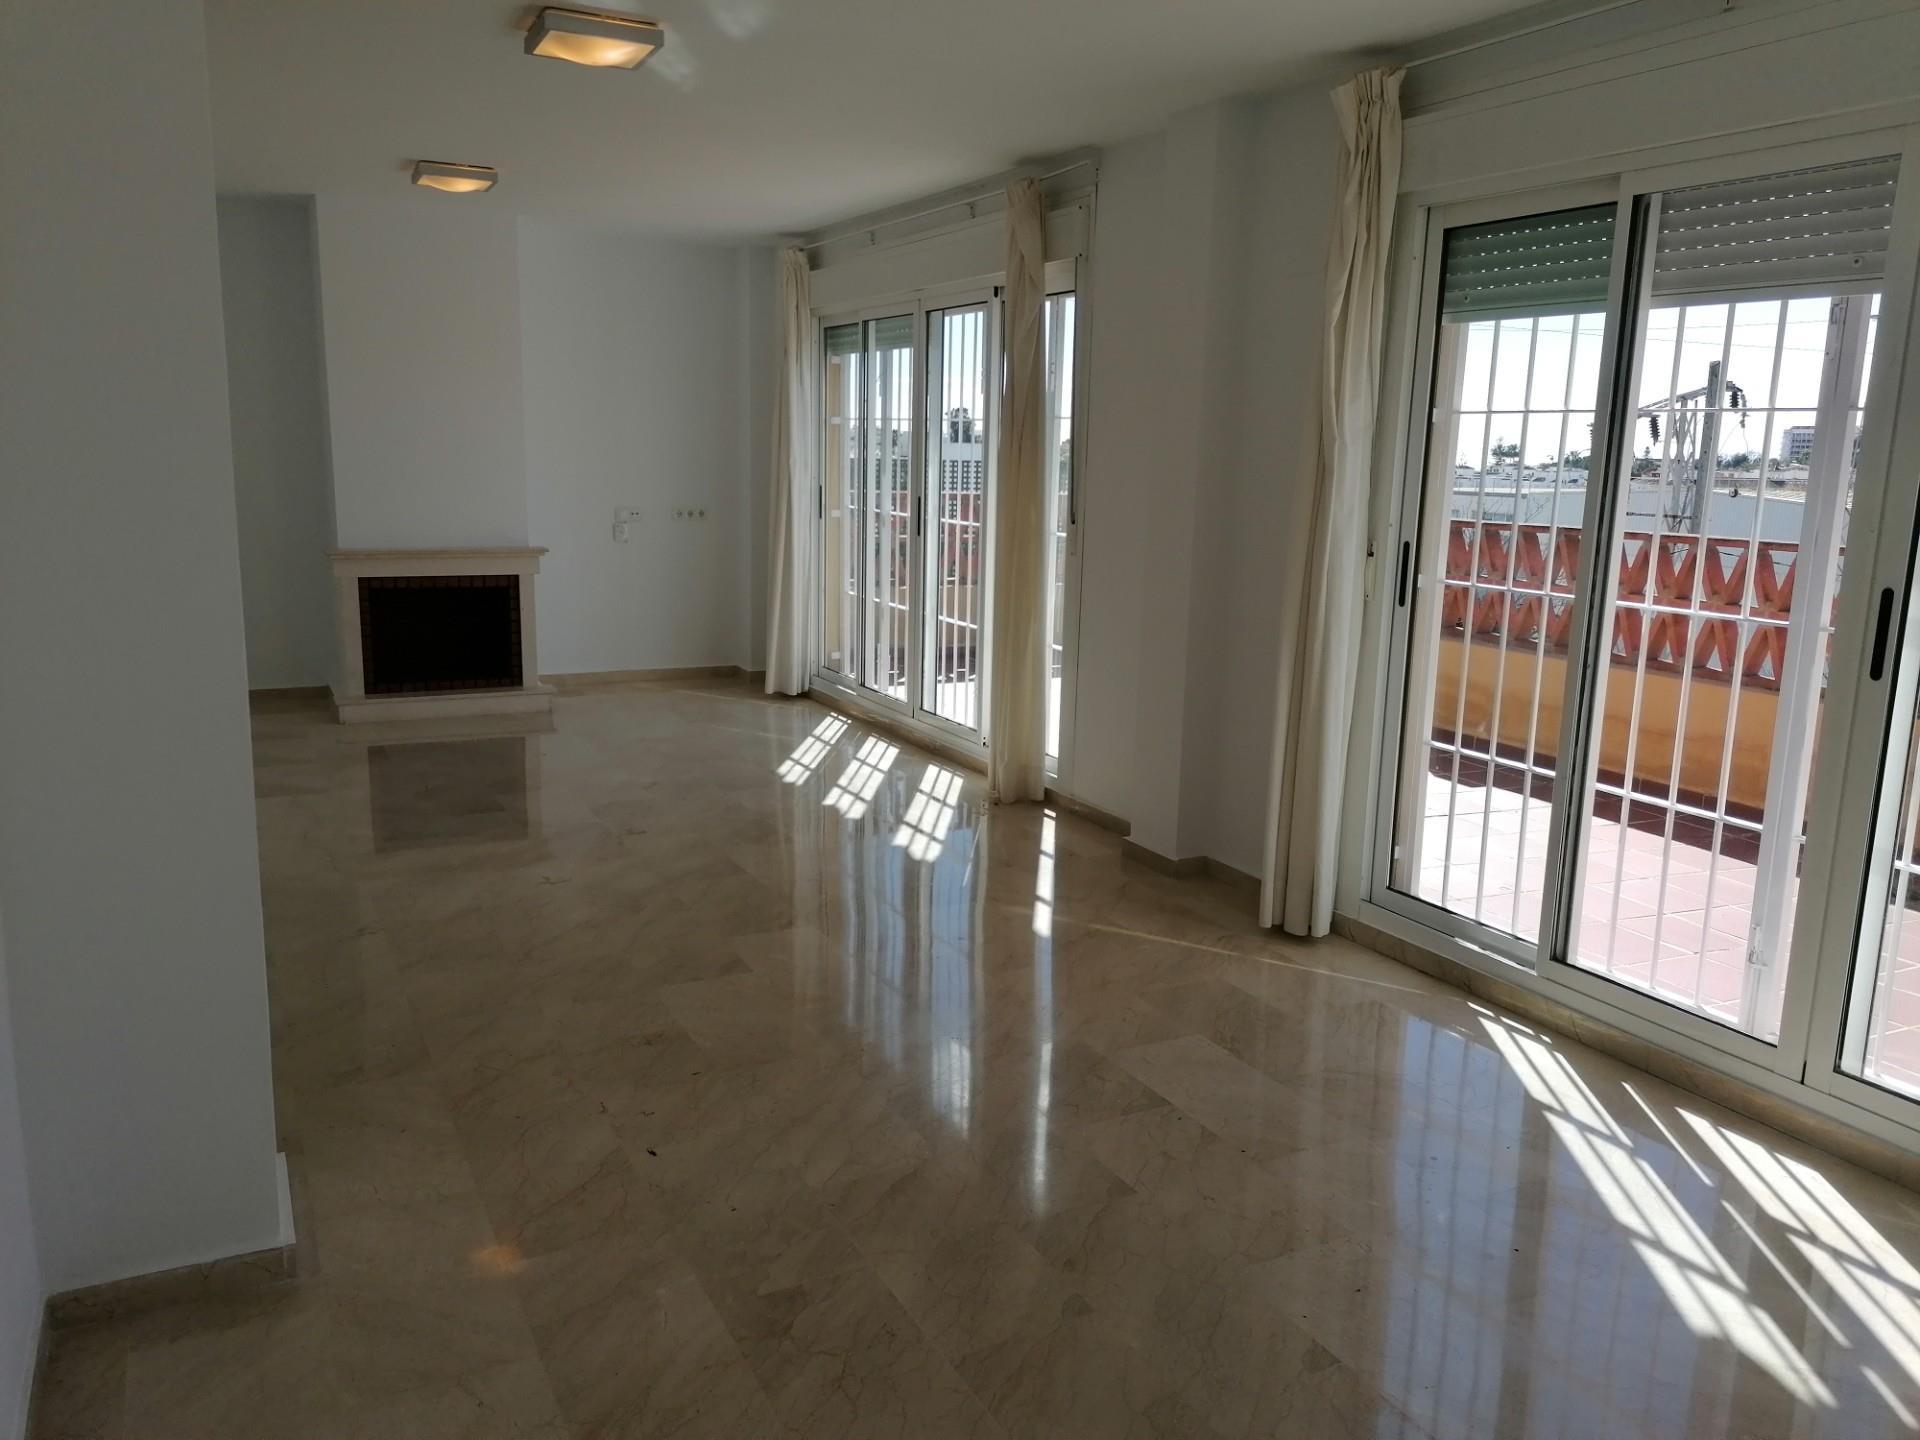 Piso de alquiler en Calle del Lago, 32 Bel Air - Cancelada - Saladillo (Bel-Air, Málaga)